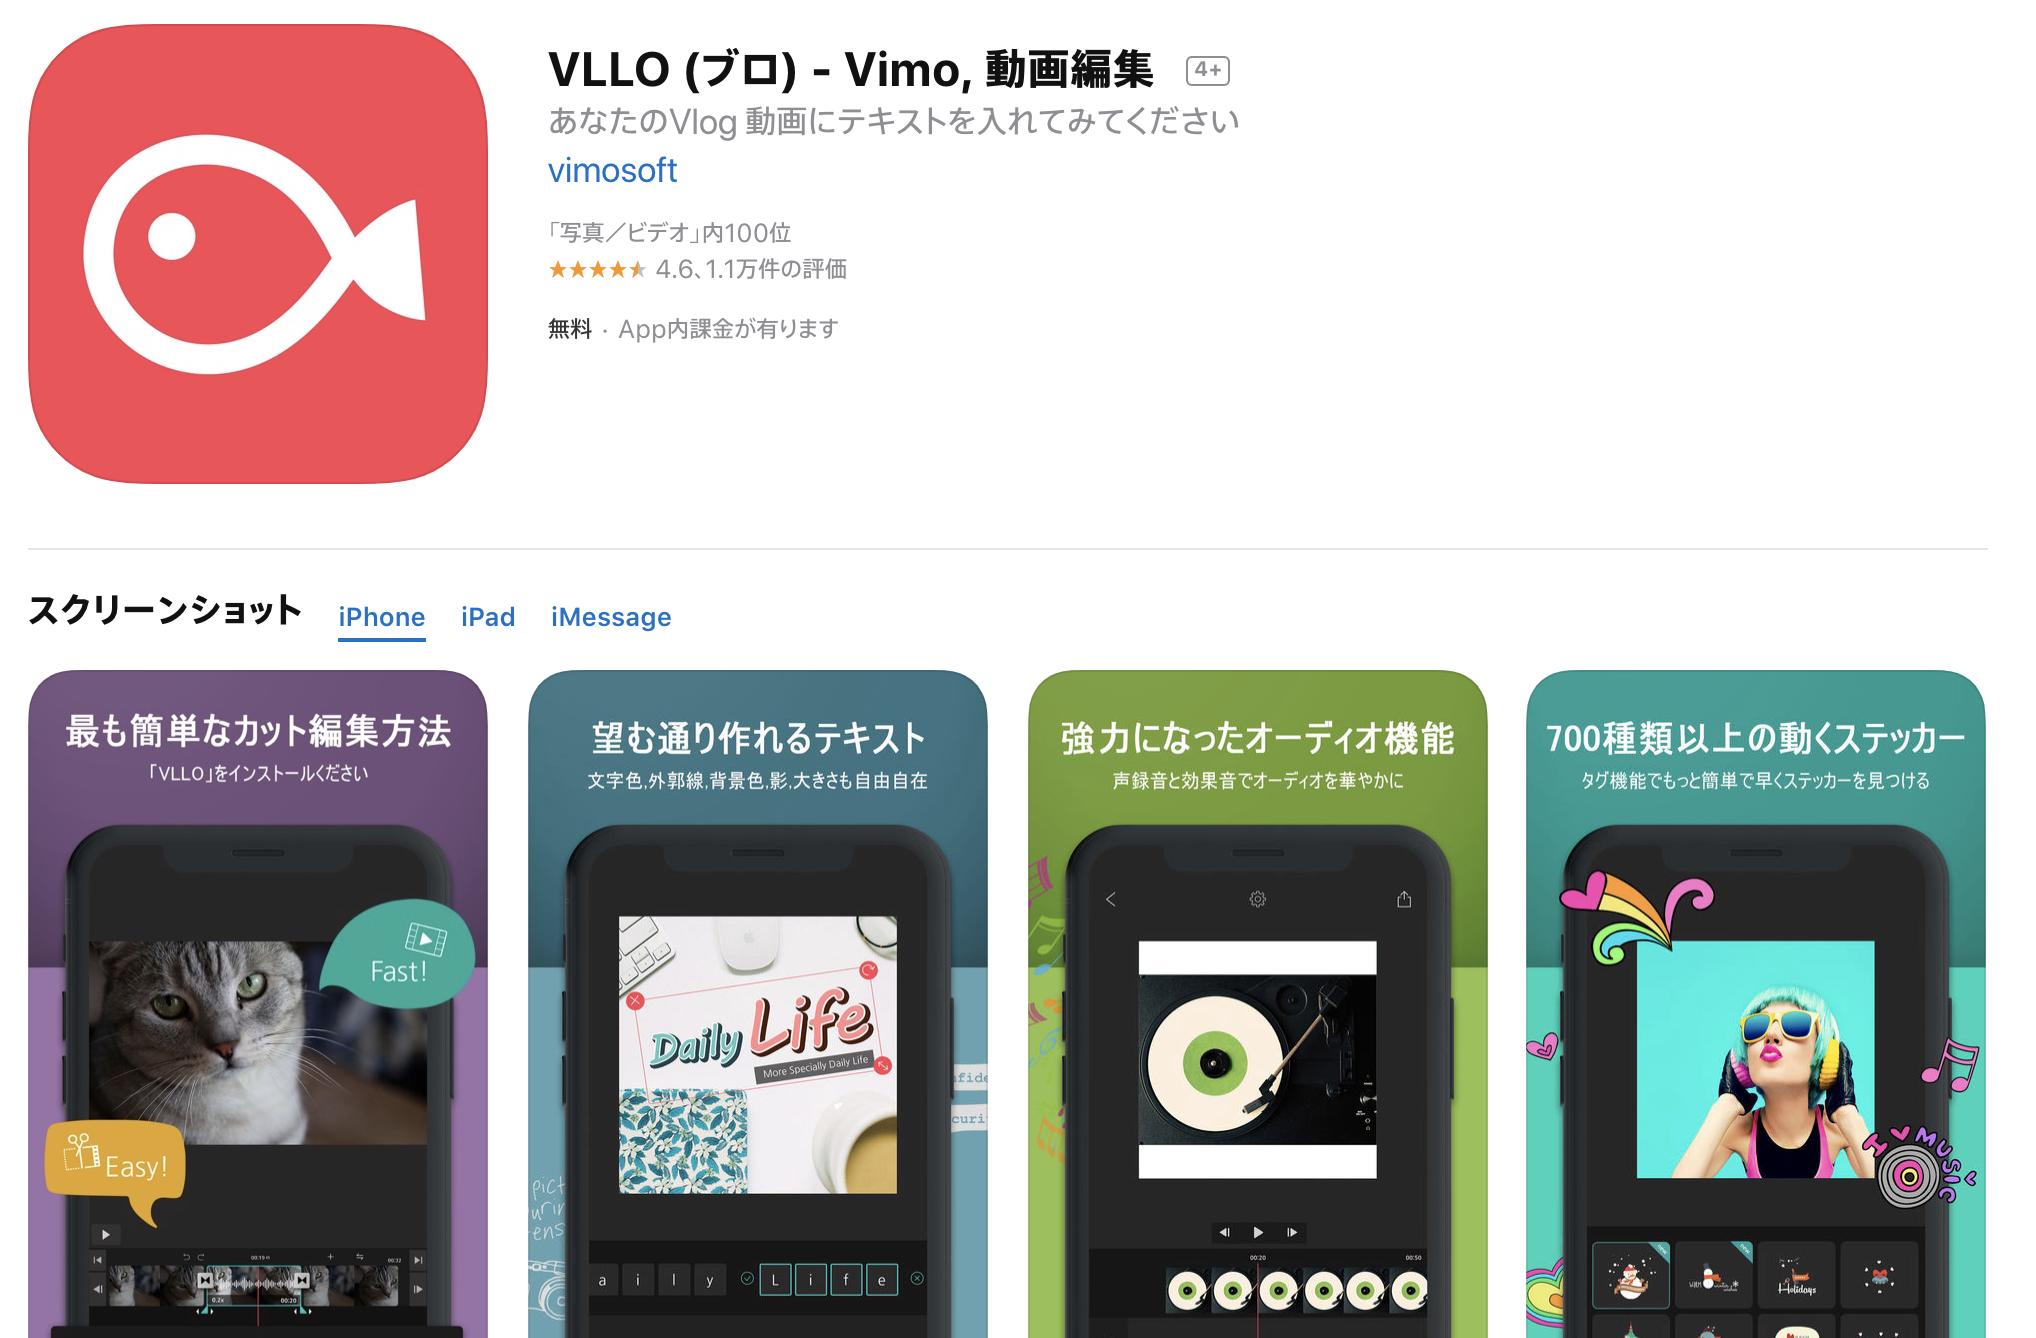 VLLO_動画編集アプリ